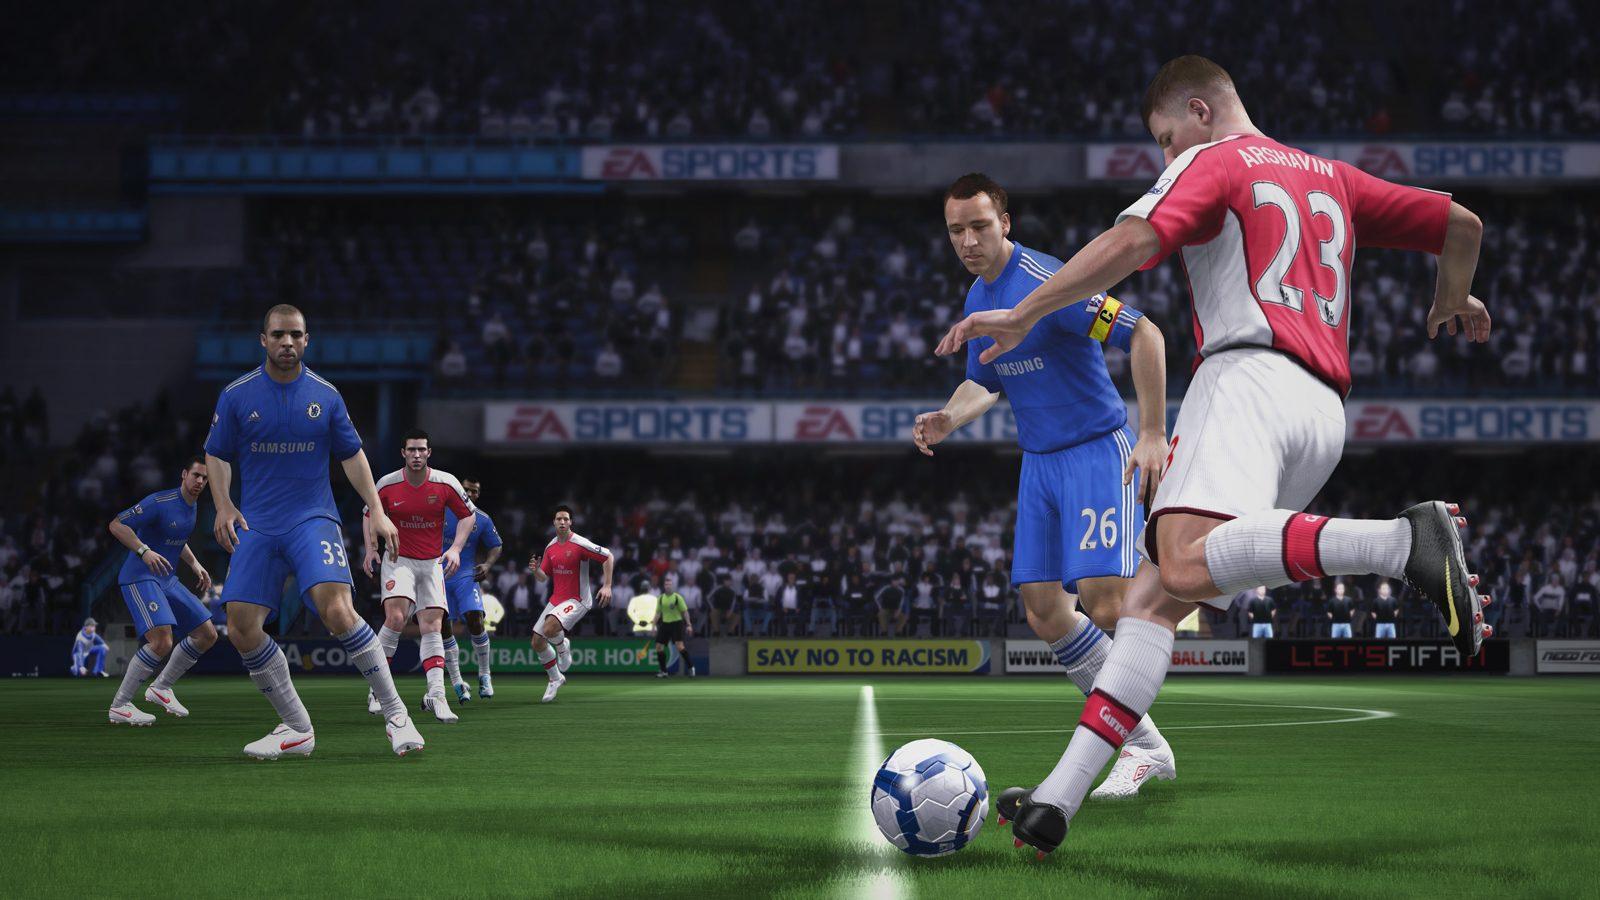 FIFA 11 - Prime immagini dagli stadi inglesi